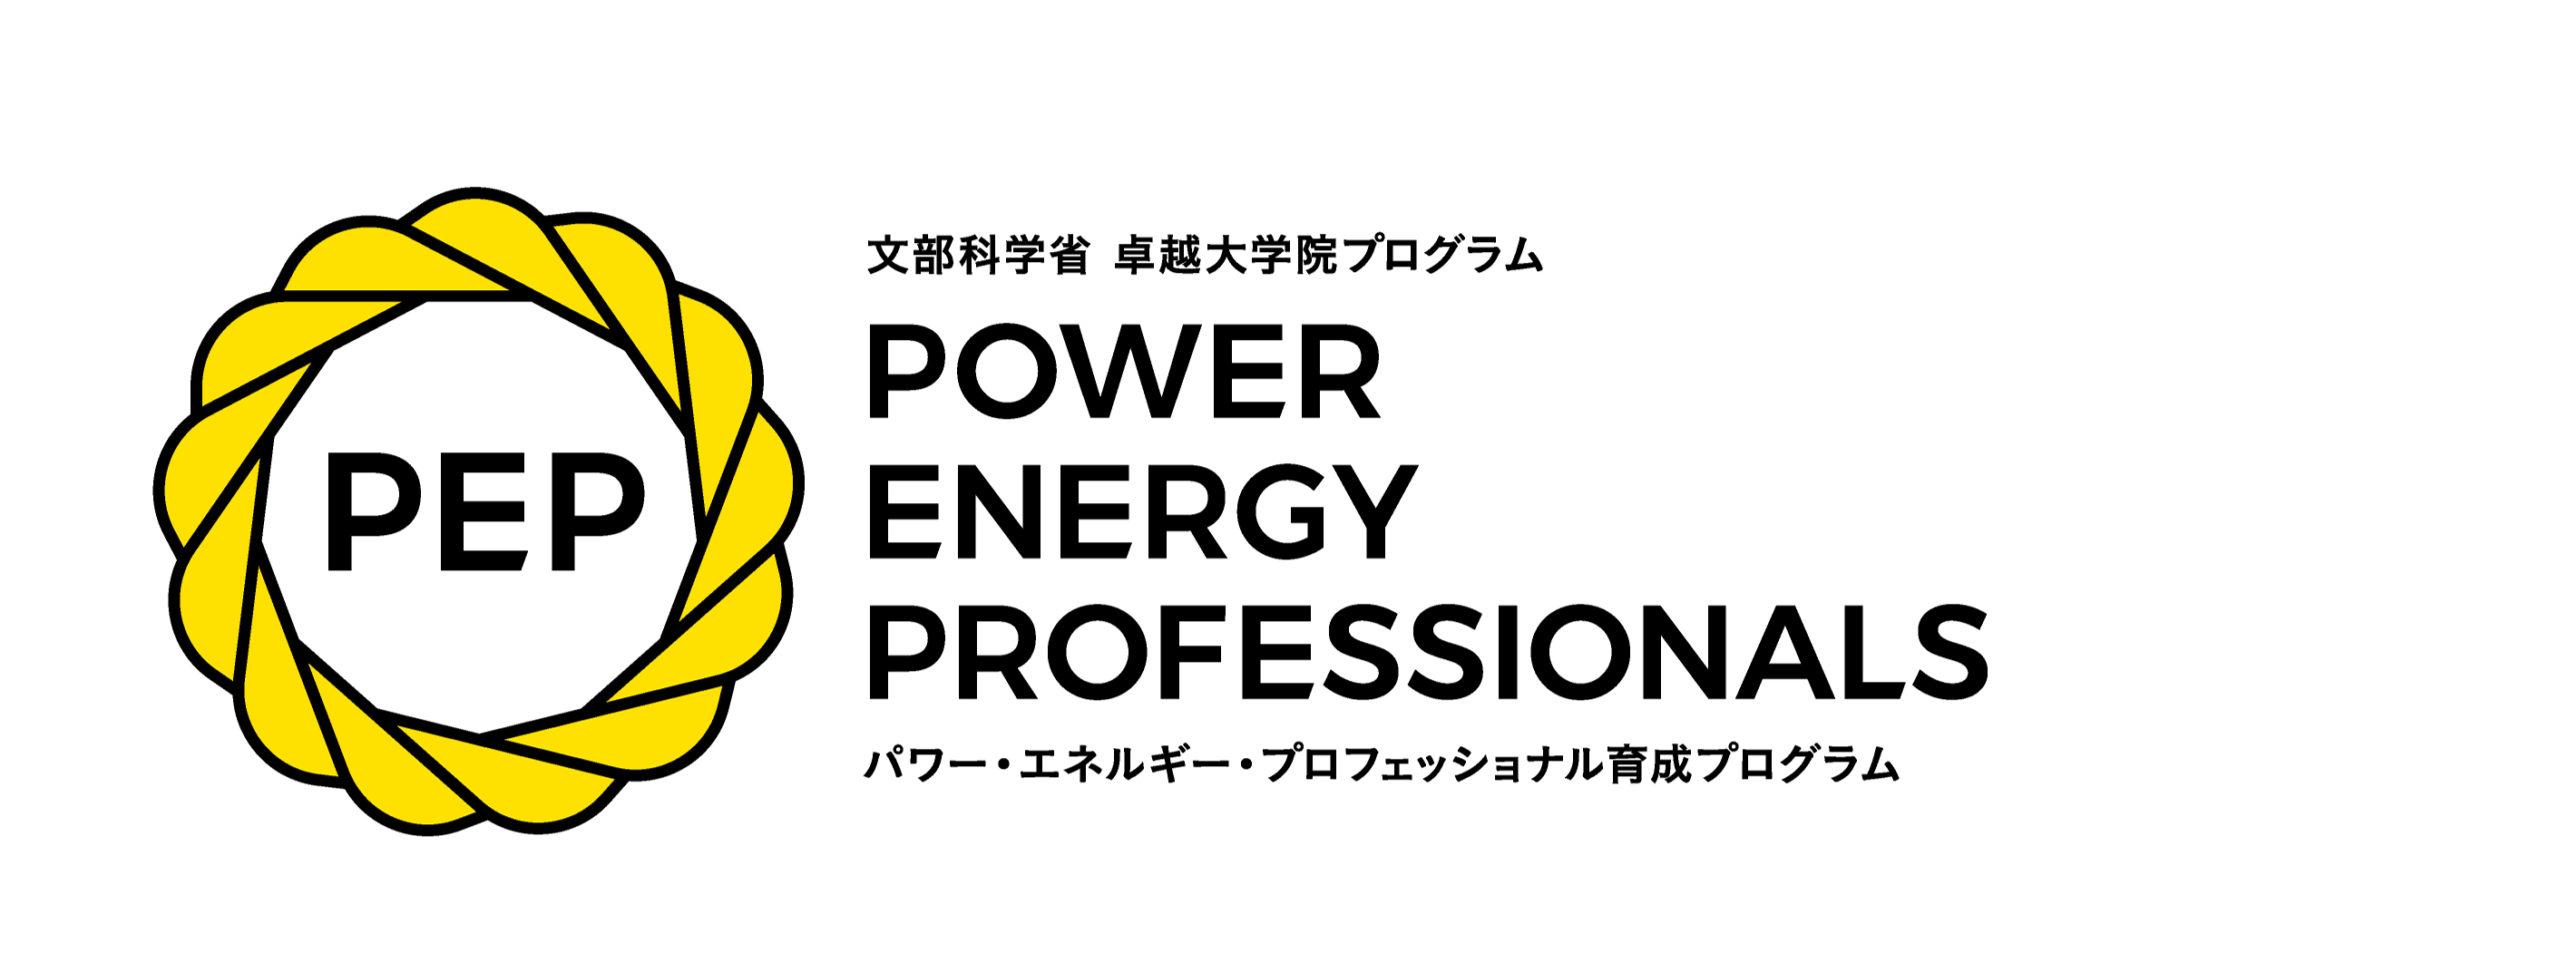 早稲田大学パワー・エネルギー・プロフェッショナル育成プログラム